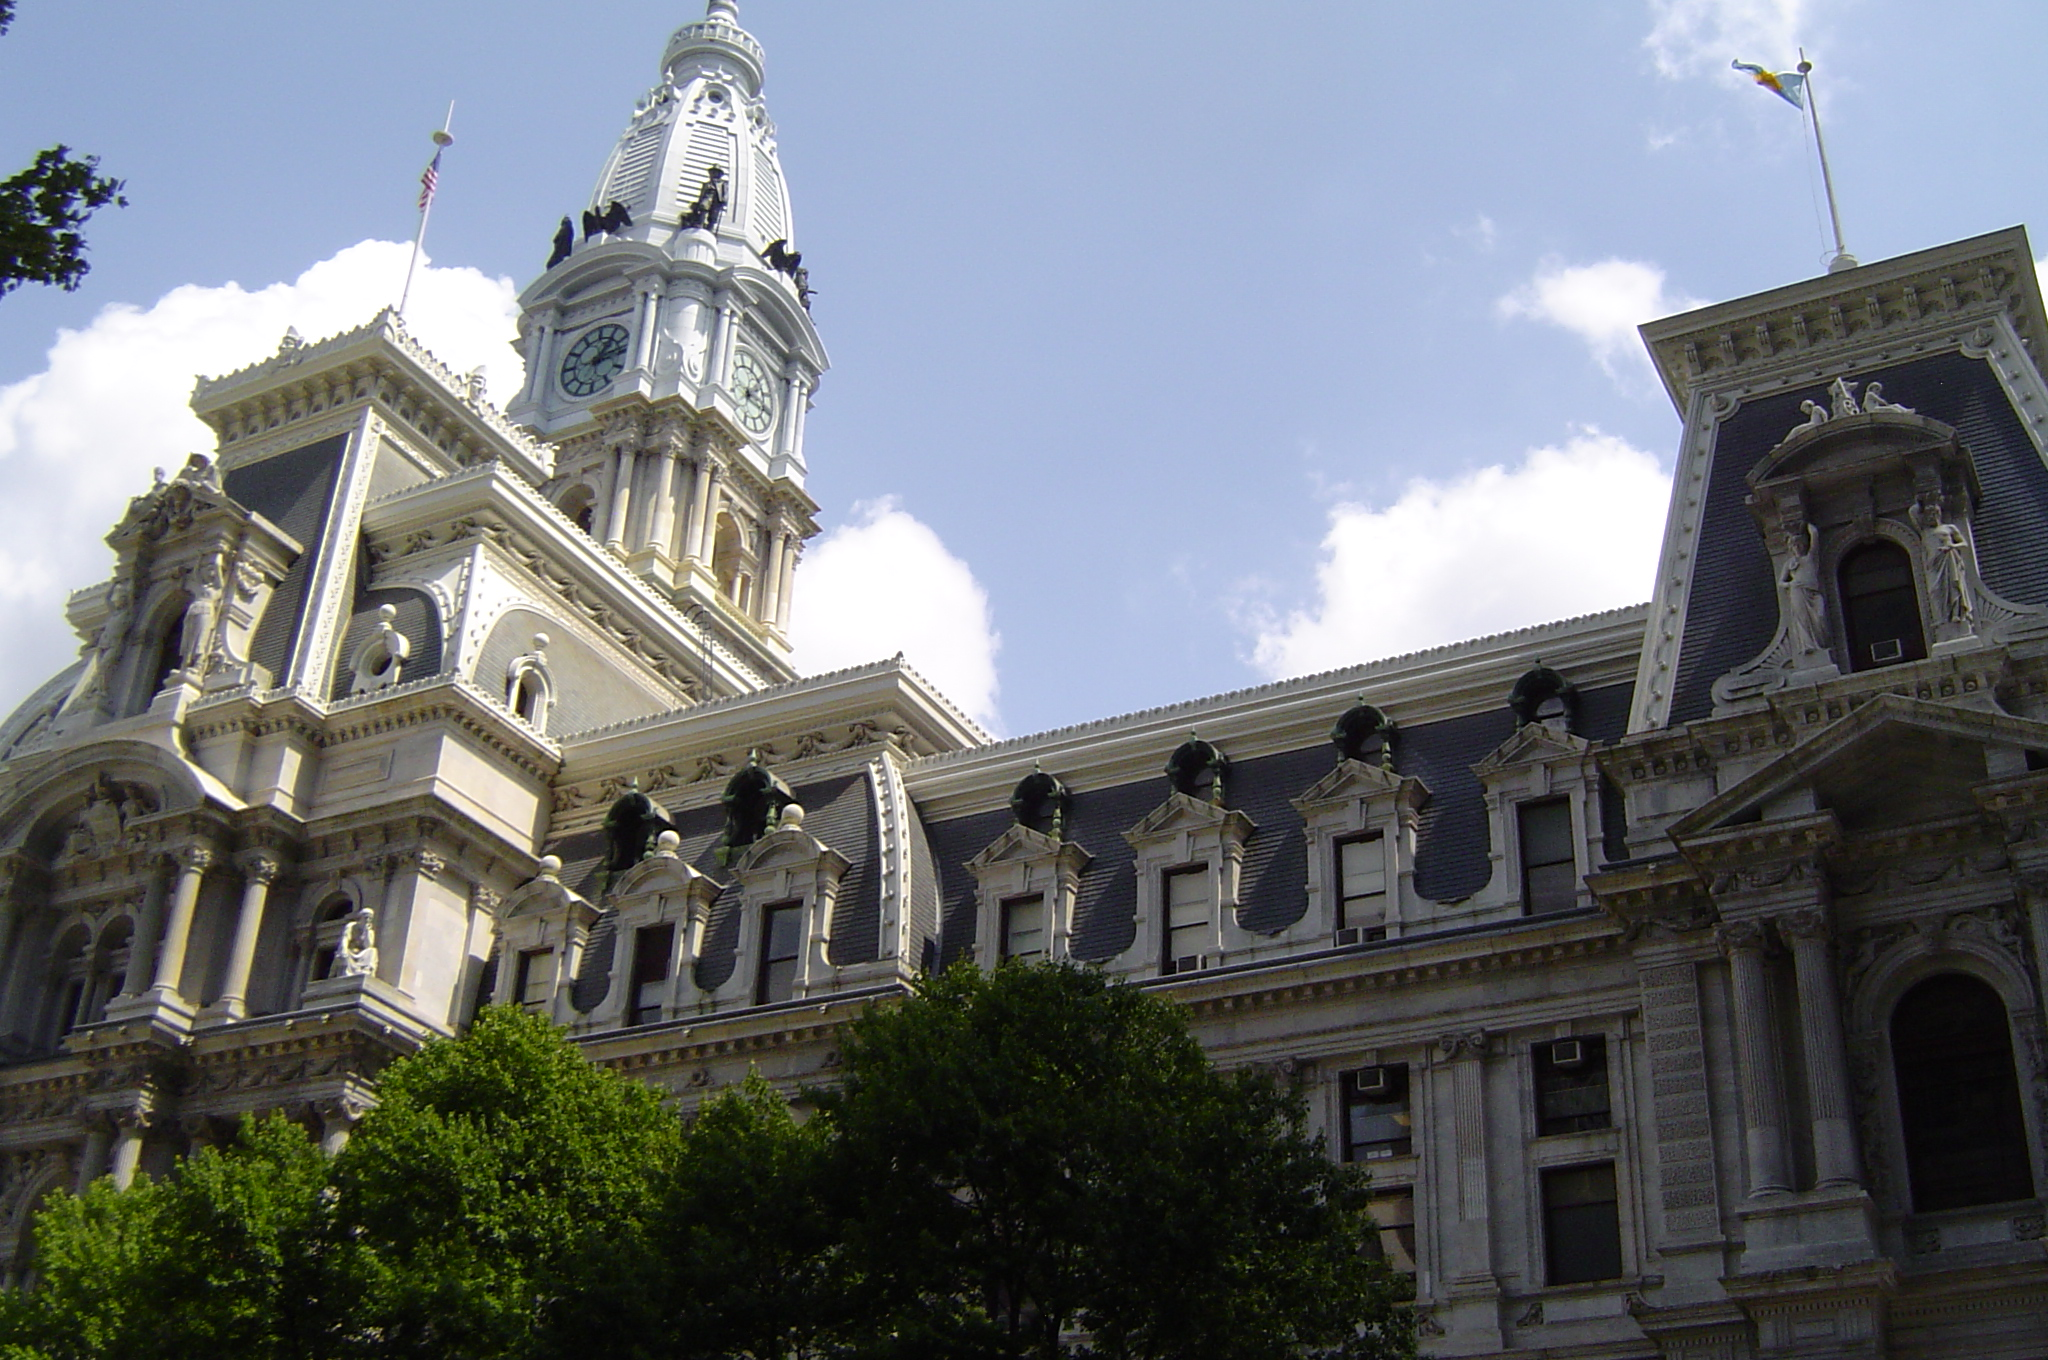 Downtown Philadelphia, Pennsylvania